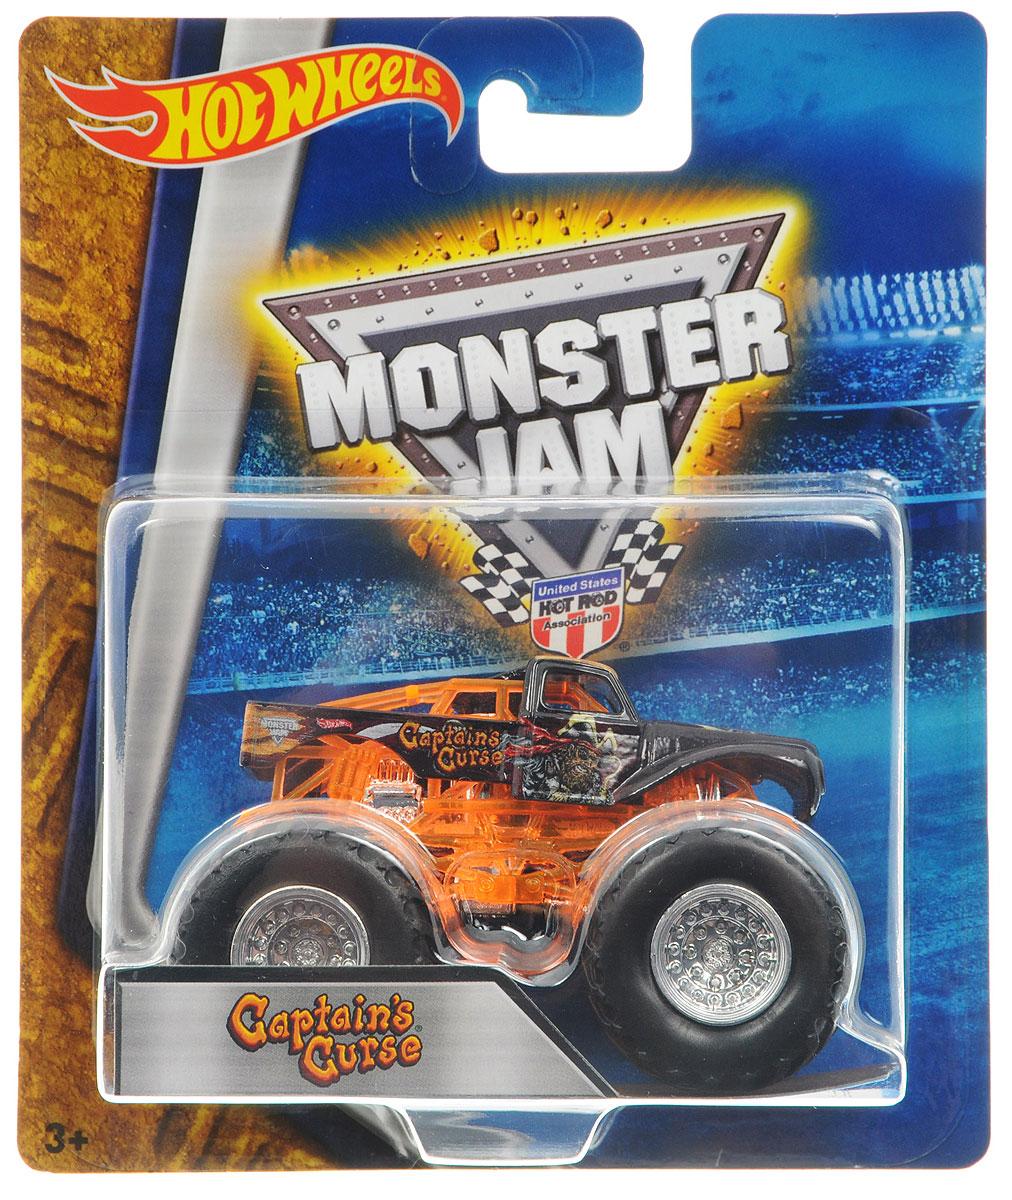 Hot Wheels Monster Jam Машинка Captains CurseBHP37_DRR65Машинка Hot Wheels Monster Jam. Captains Curse - это знаменитая модель легендарного автомобиля с большими колесами в масштабе 1:64. Литой корпус, сверкающая кабина, хромированные диски. Внедорожник с неповторимым тюнингом оценят как дети, так и взрослые! Детали игрушки выполнены из высококачественных материалов и абсолютно безопасны для детей. Порадуйте своего малыша таким замечательным подарком!